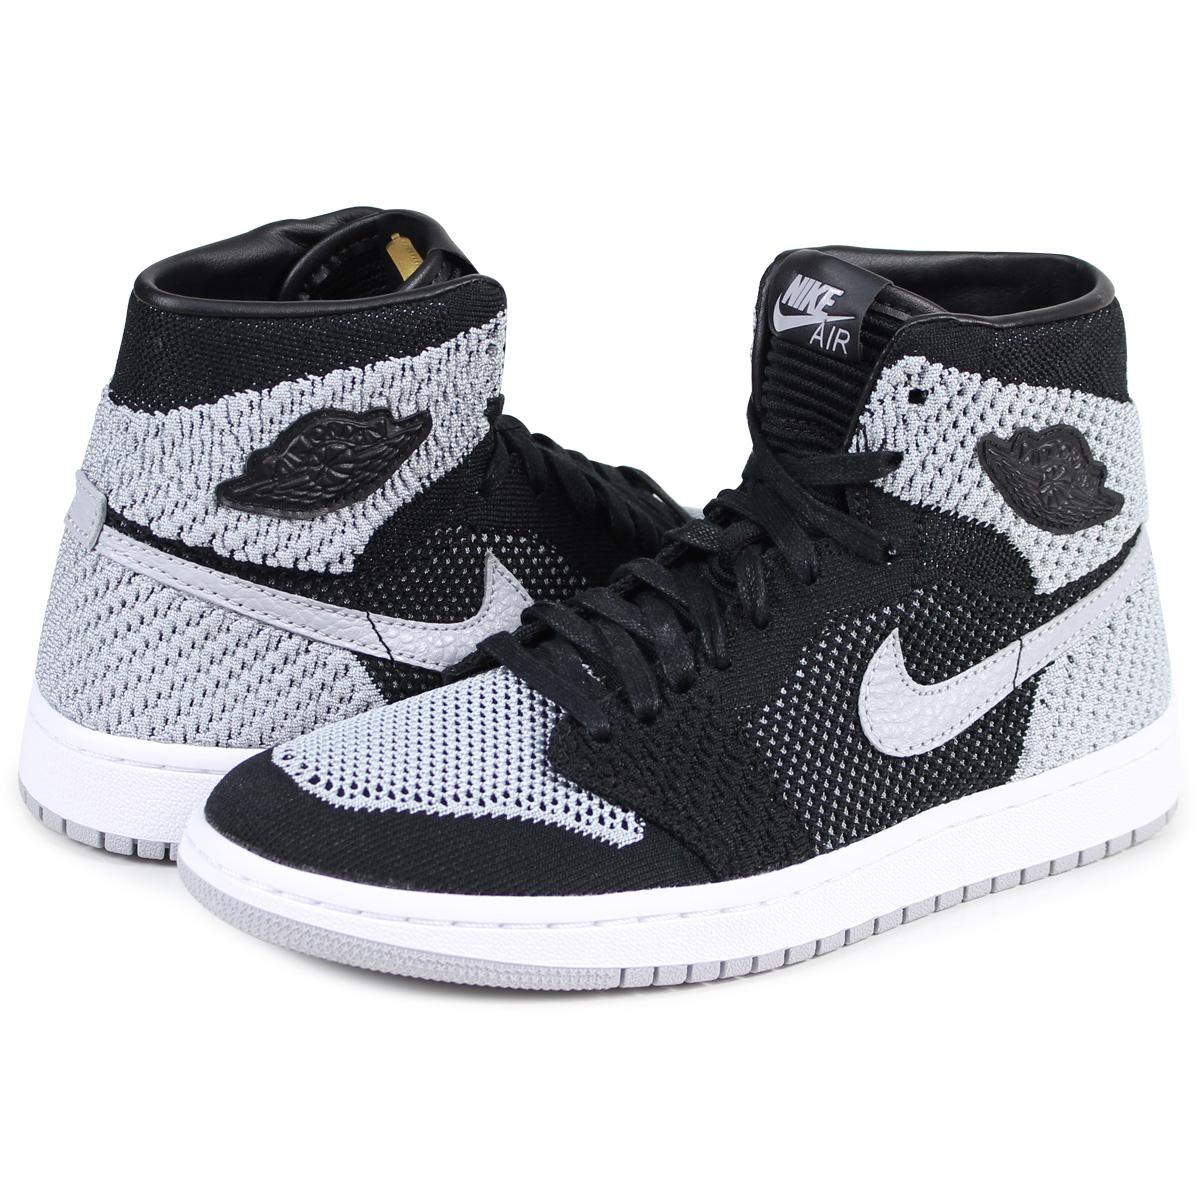 sale retailer c93c0 88cd0 NIKE Nike Air Jordan 1 nostalgic fried food knit Lady s sneakers AIR JORDAN  1 RETRO HI ...